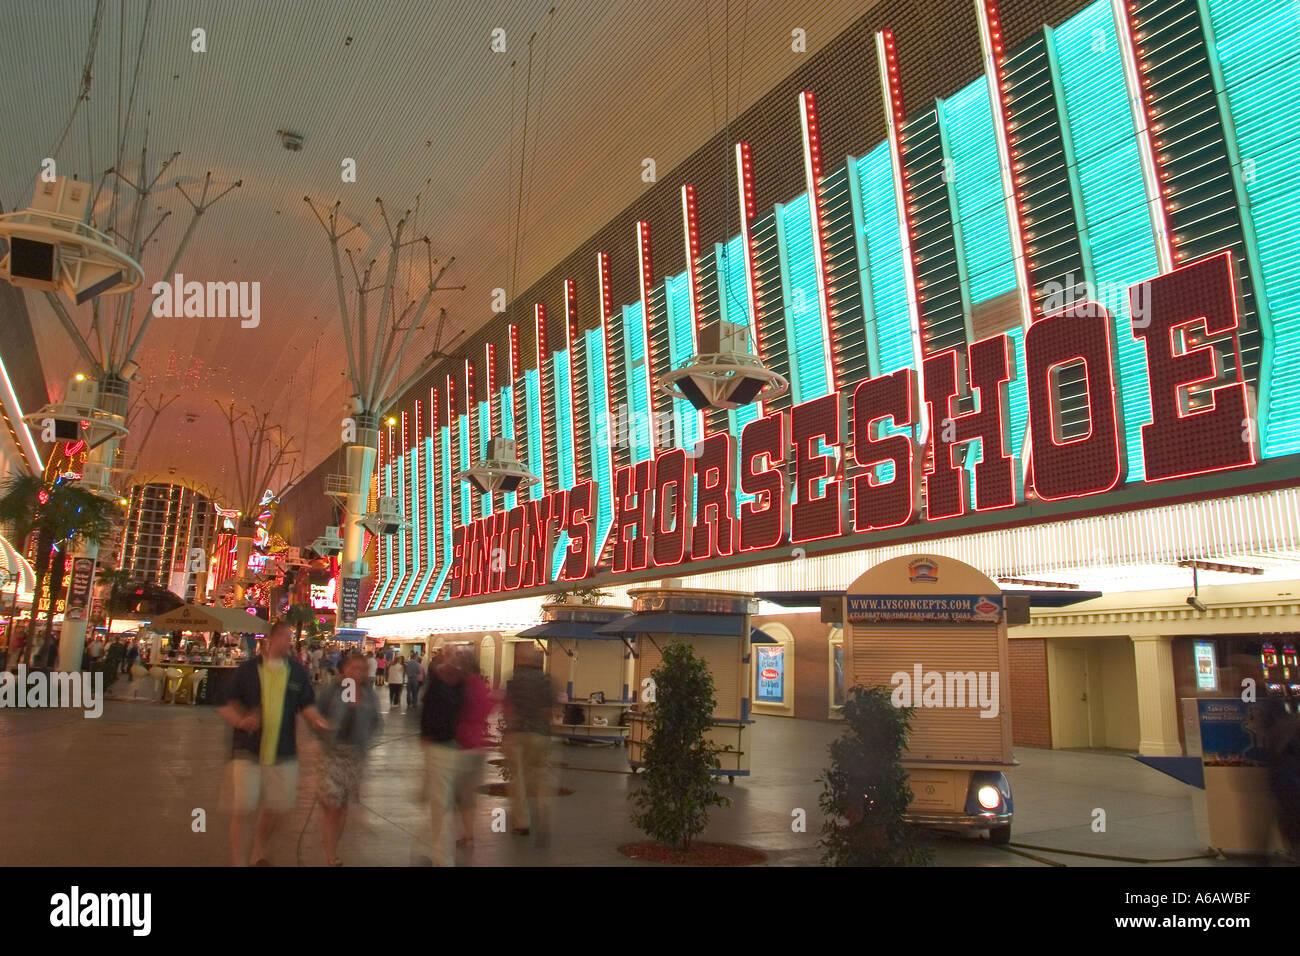 Binions horseshoe casino online help stop gambling